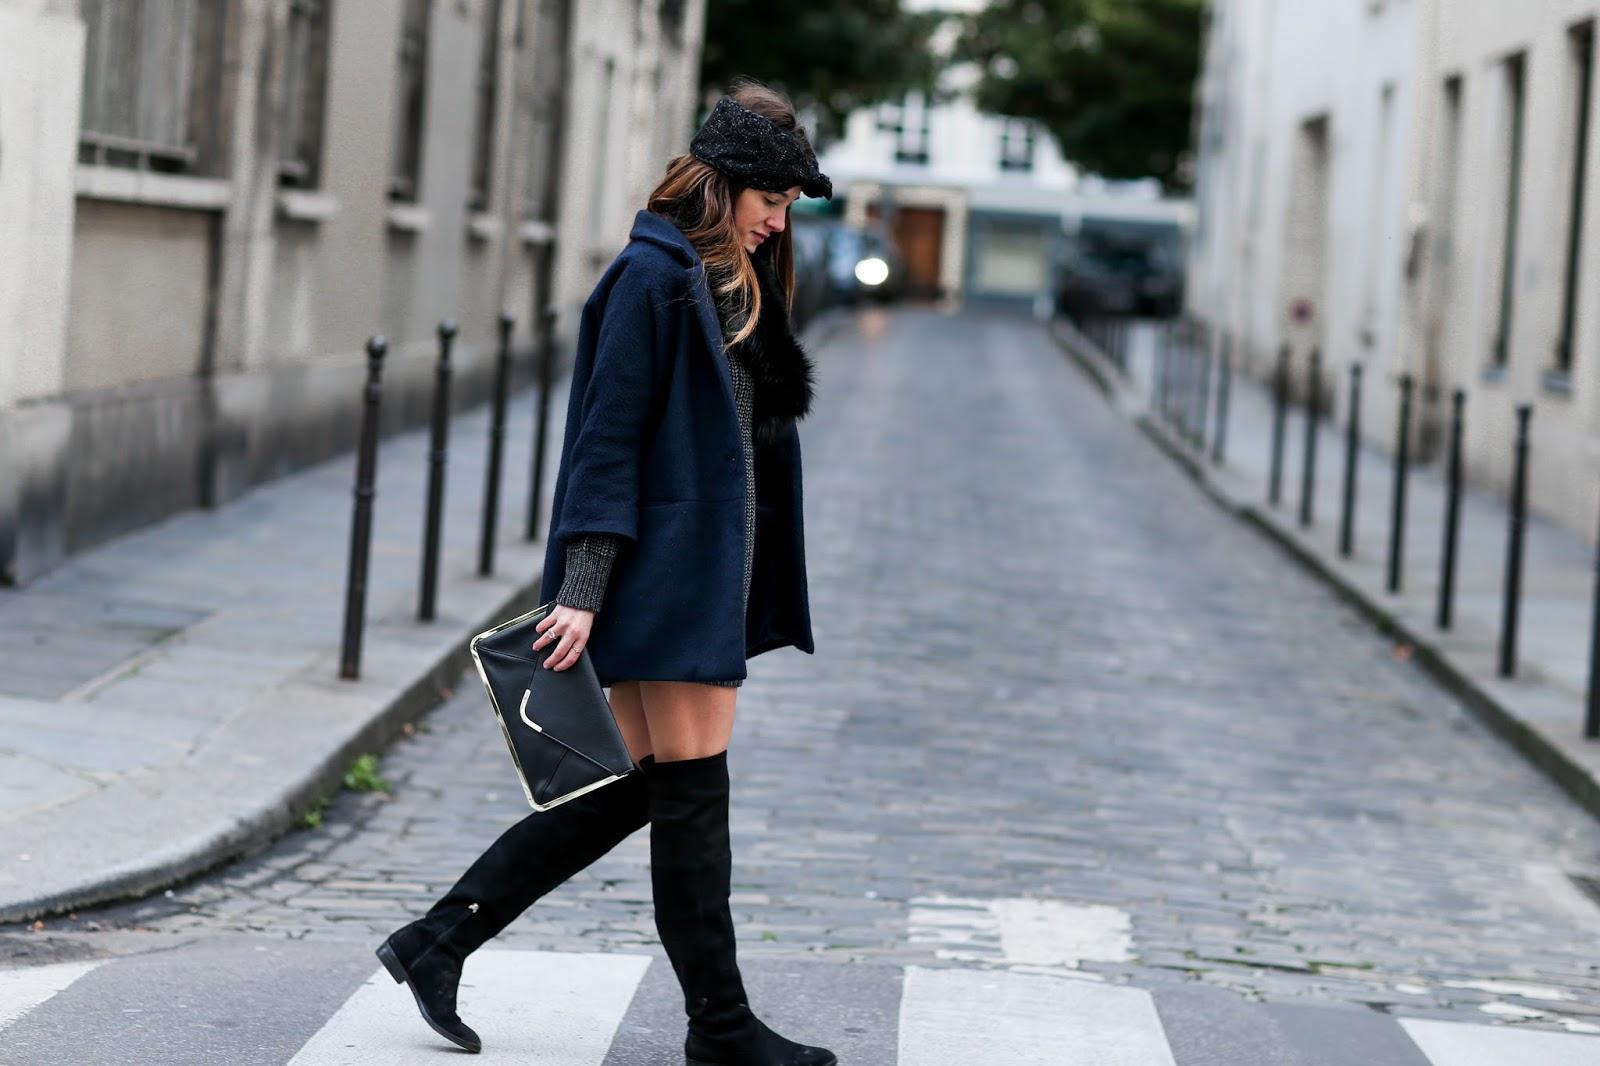 Un look très féminin pour l hiver, une robe en maille bien chaude avec une  écharpe en laine style fourrure. Un look facile pour tous les jours, ... 456fb698f26c